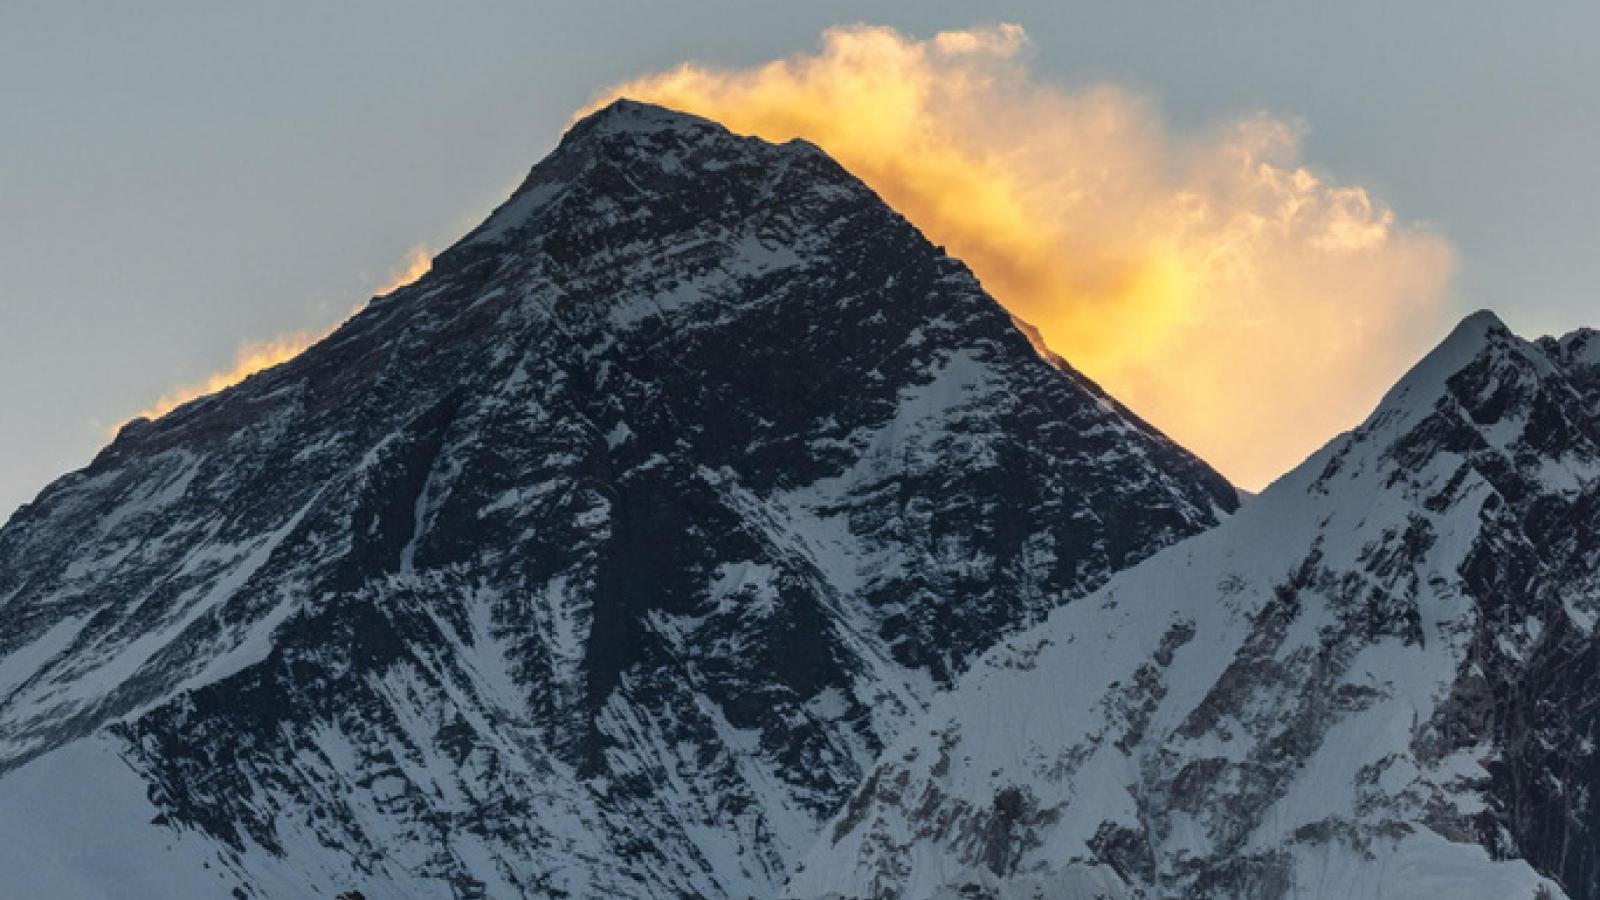 Quân đội Nepal bắt đầu chiến dịch làm sạch 6 đỉnh núi